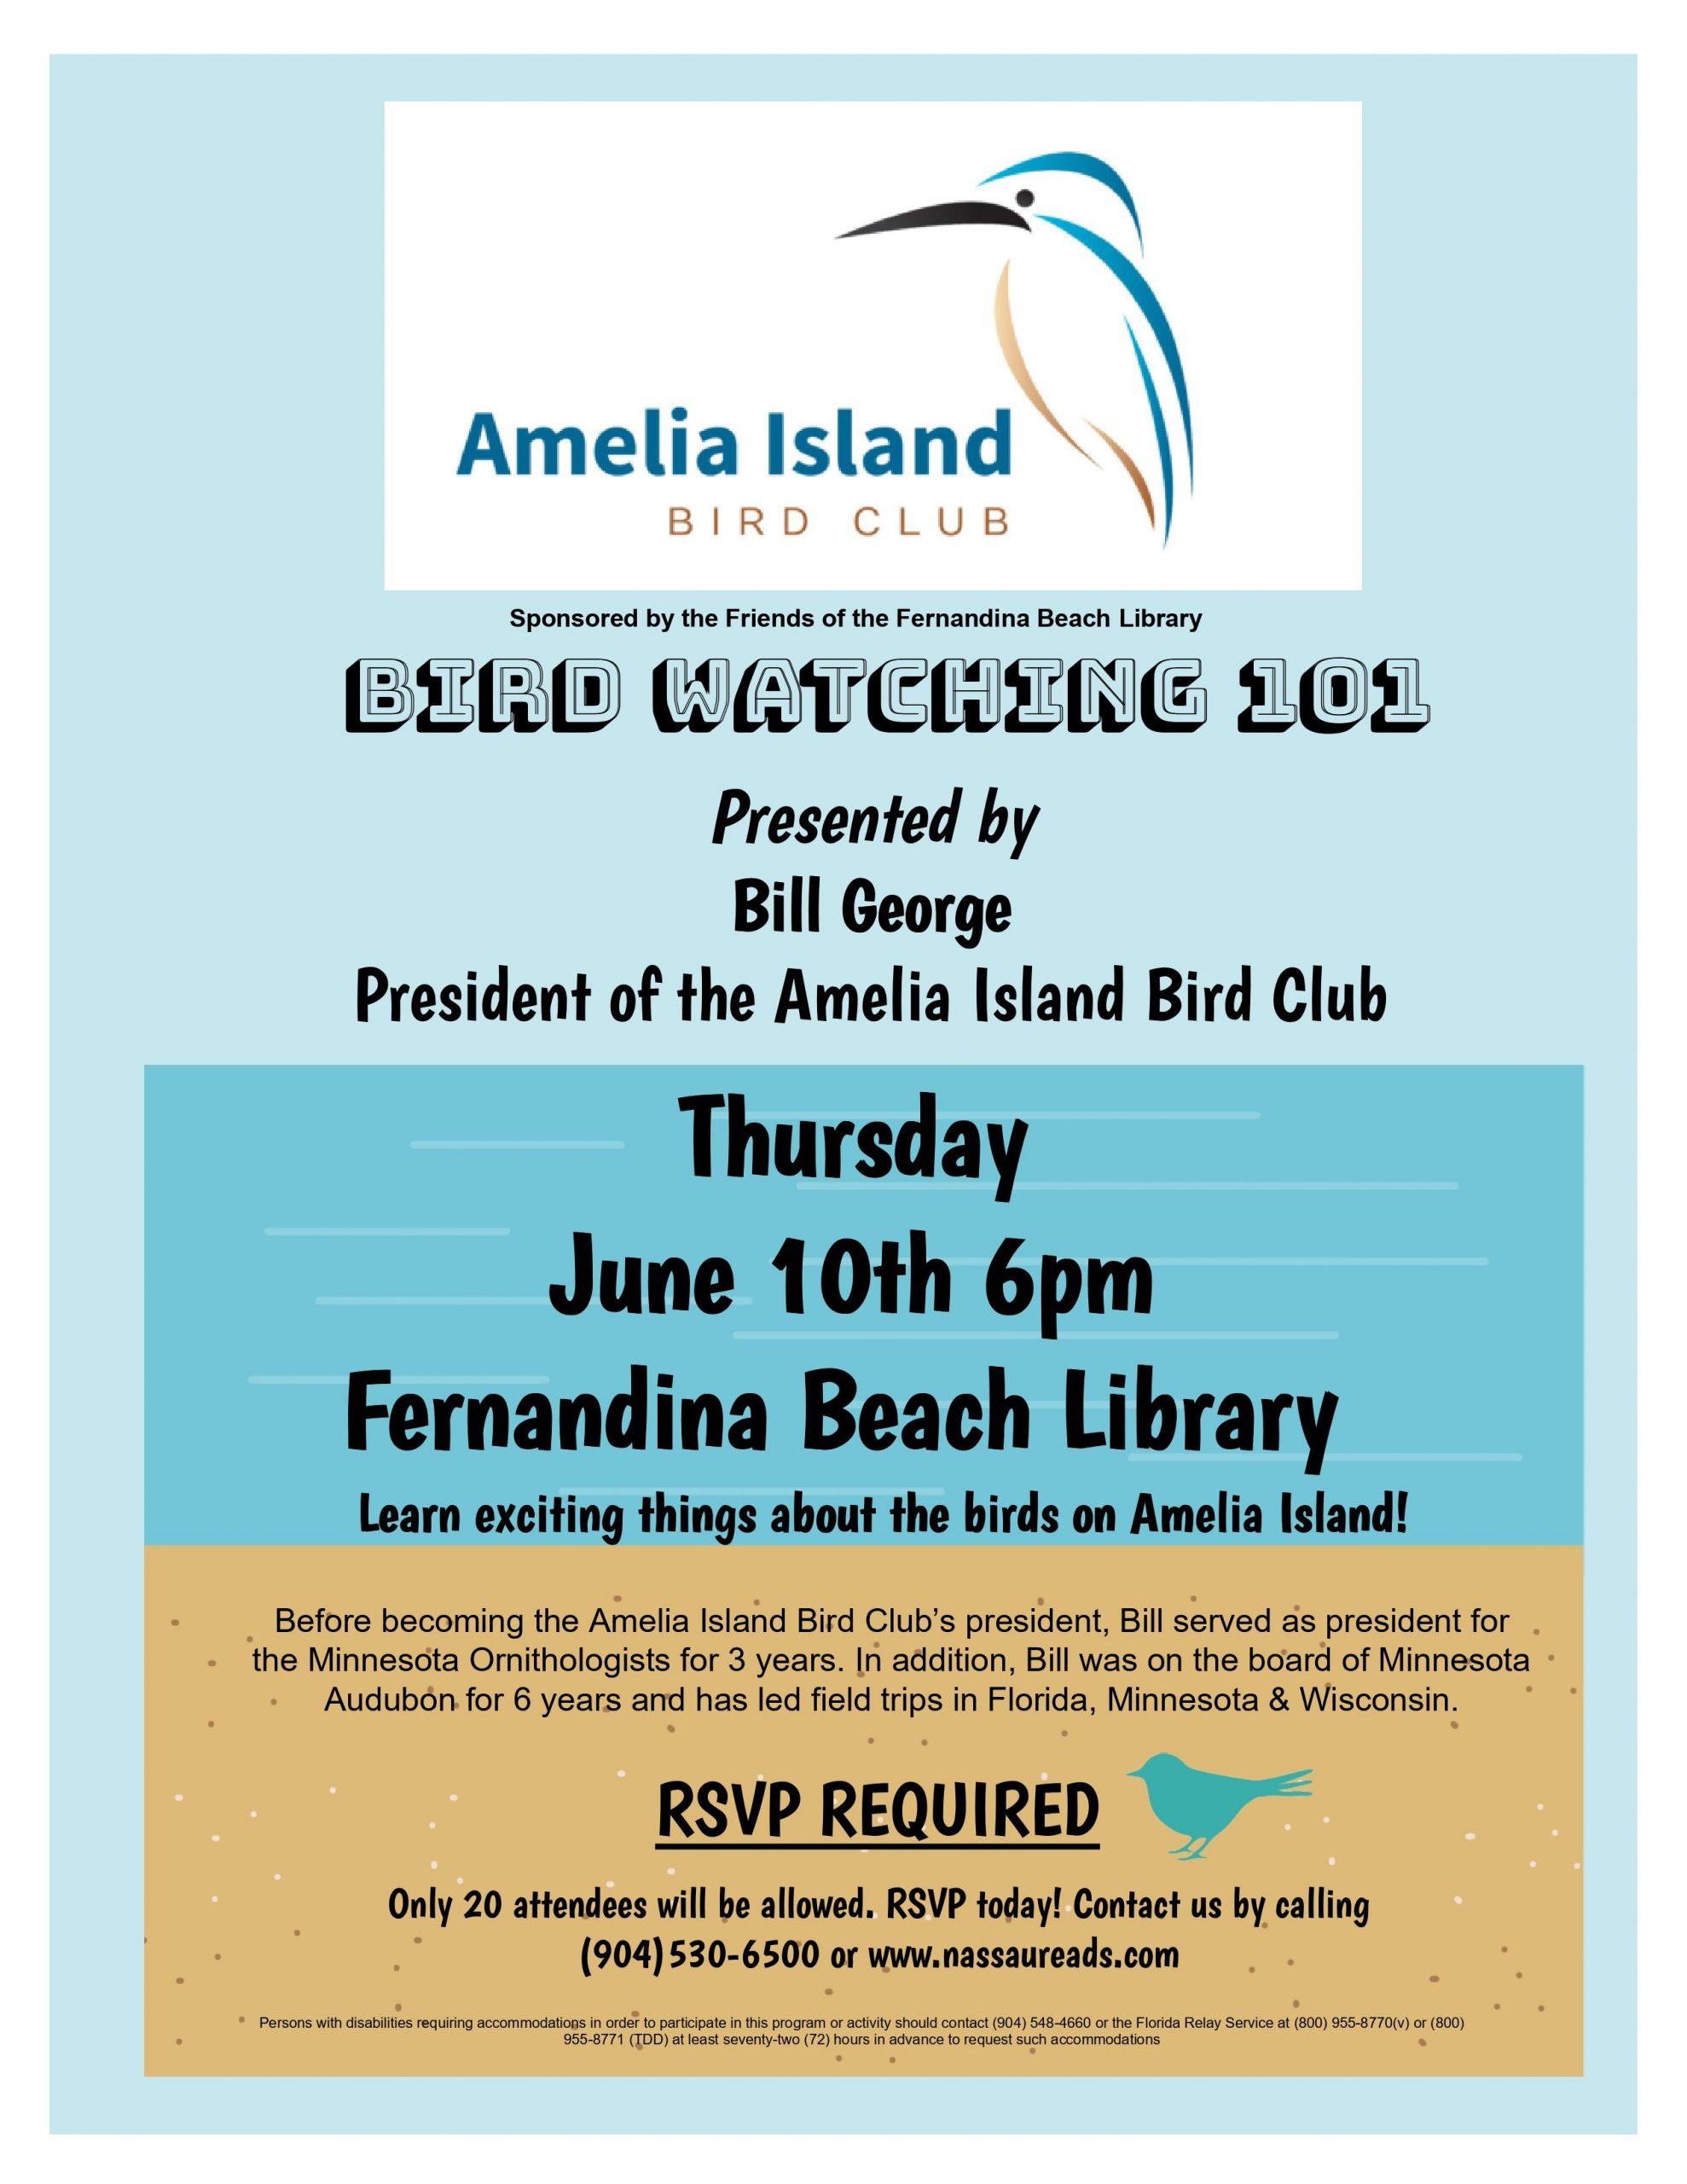 Bird Watching Program Thursday June 10 6pm Fernandina